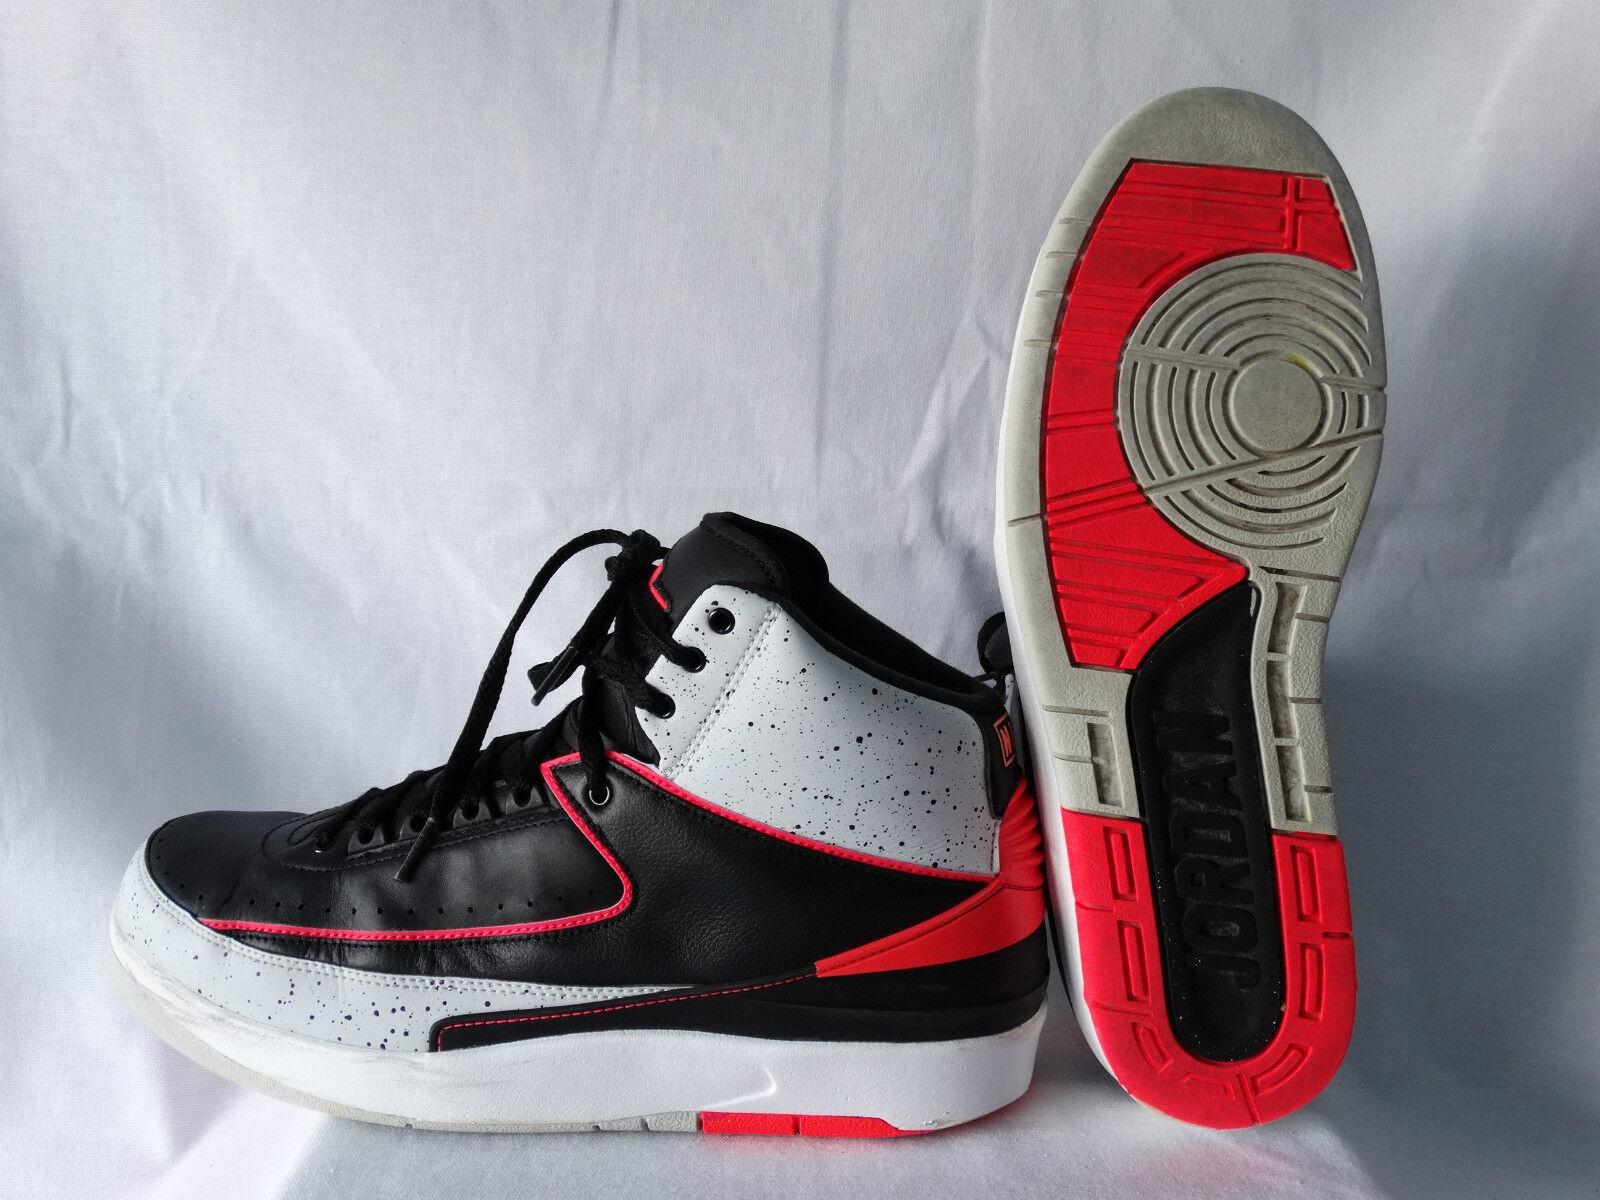 Nike Air Jordan II Retro Basketballschuhe schwarz-infrared 23 EU 45,5 US 11,5